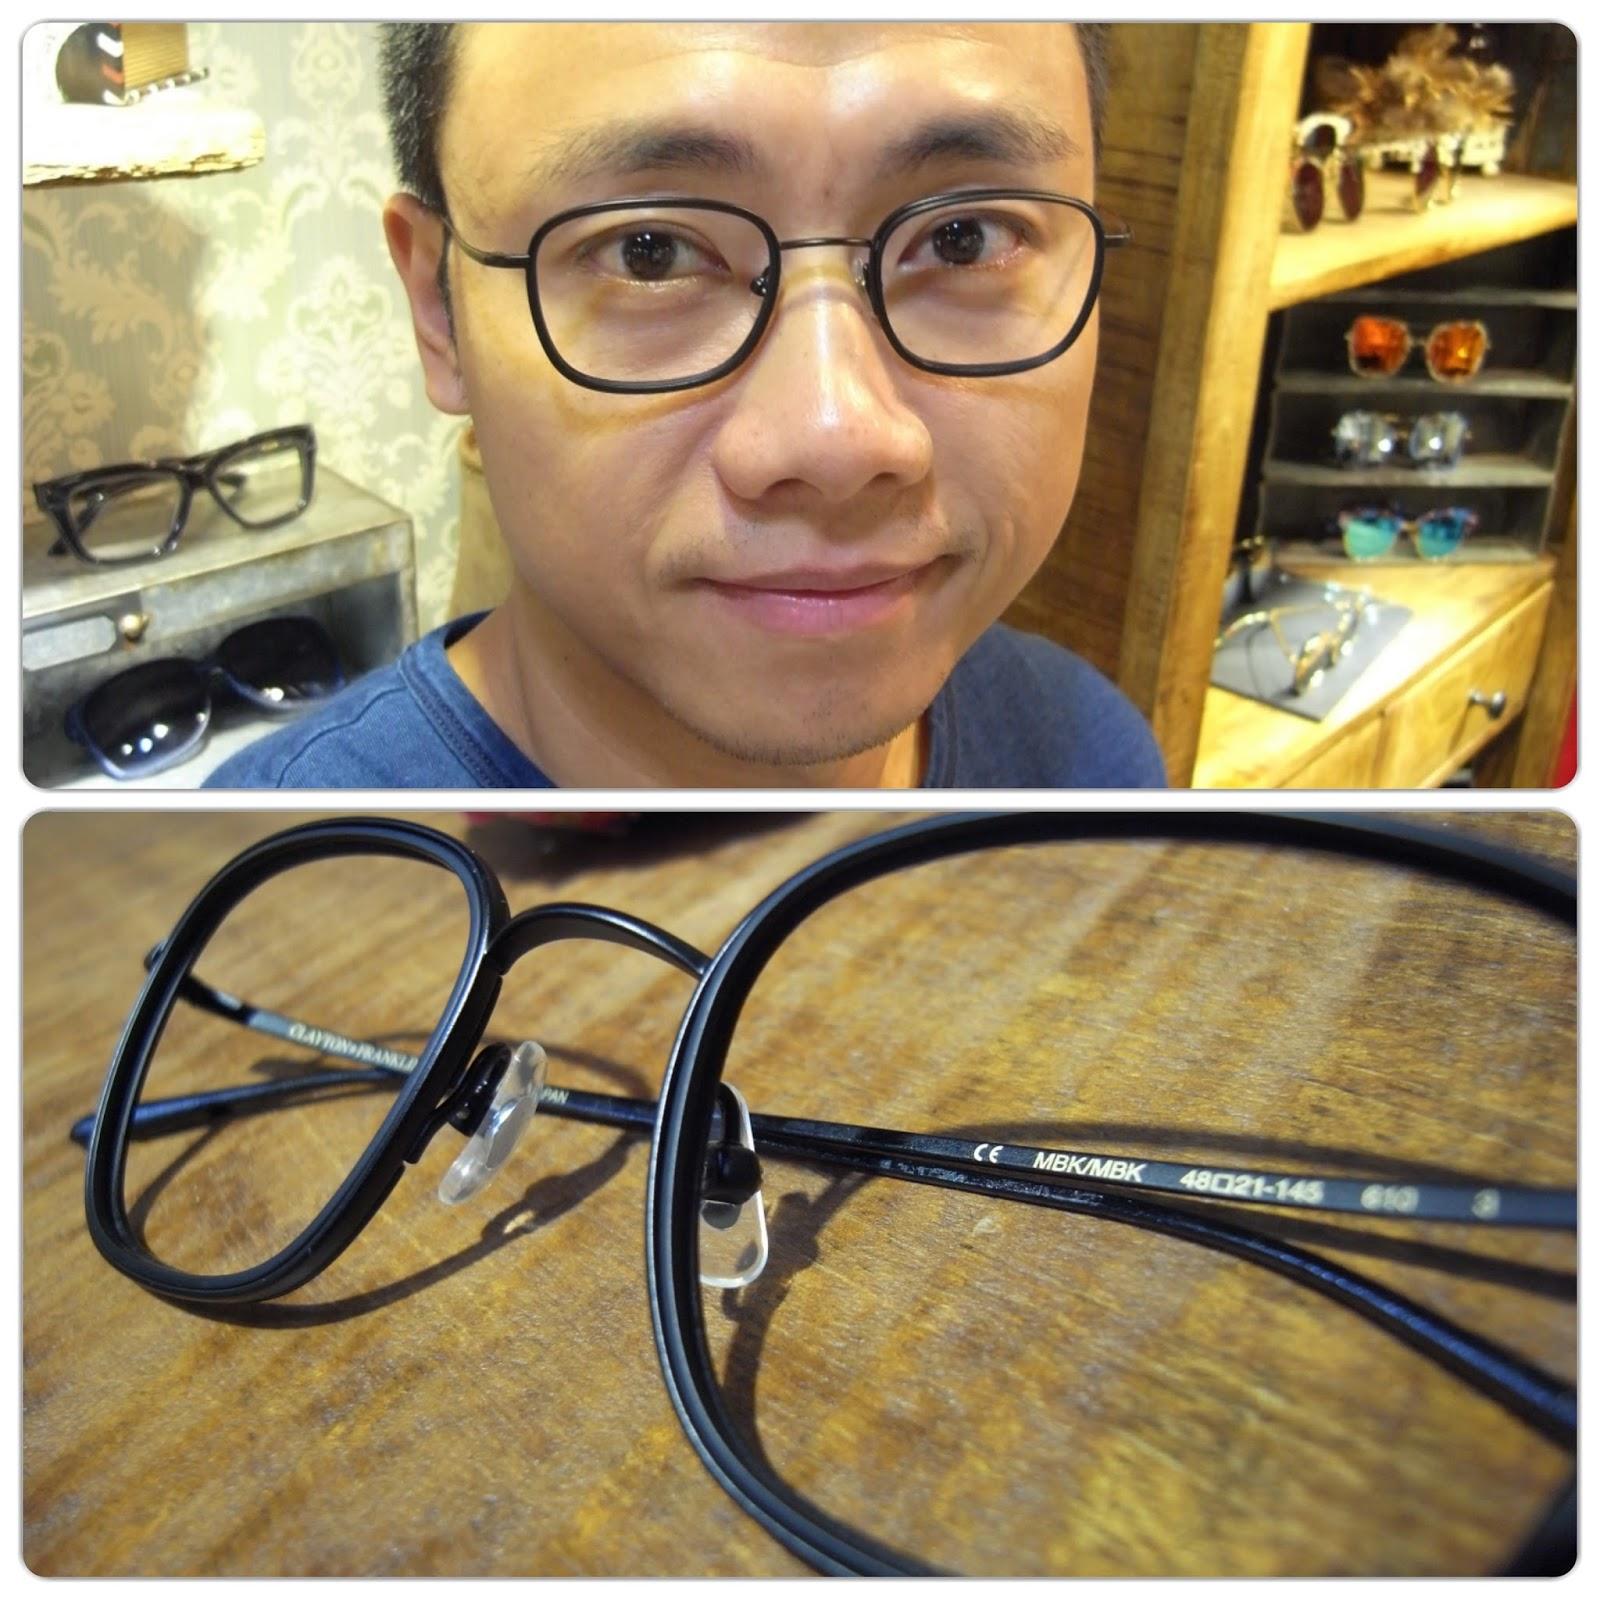 集框眼鏡行: CLAYTON FRANKLIN 輕量化的日製經典 集框眼鏡行